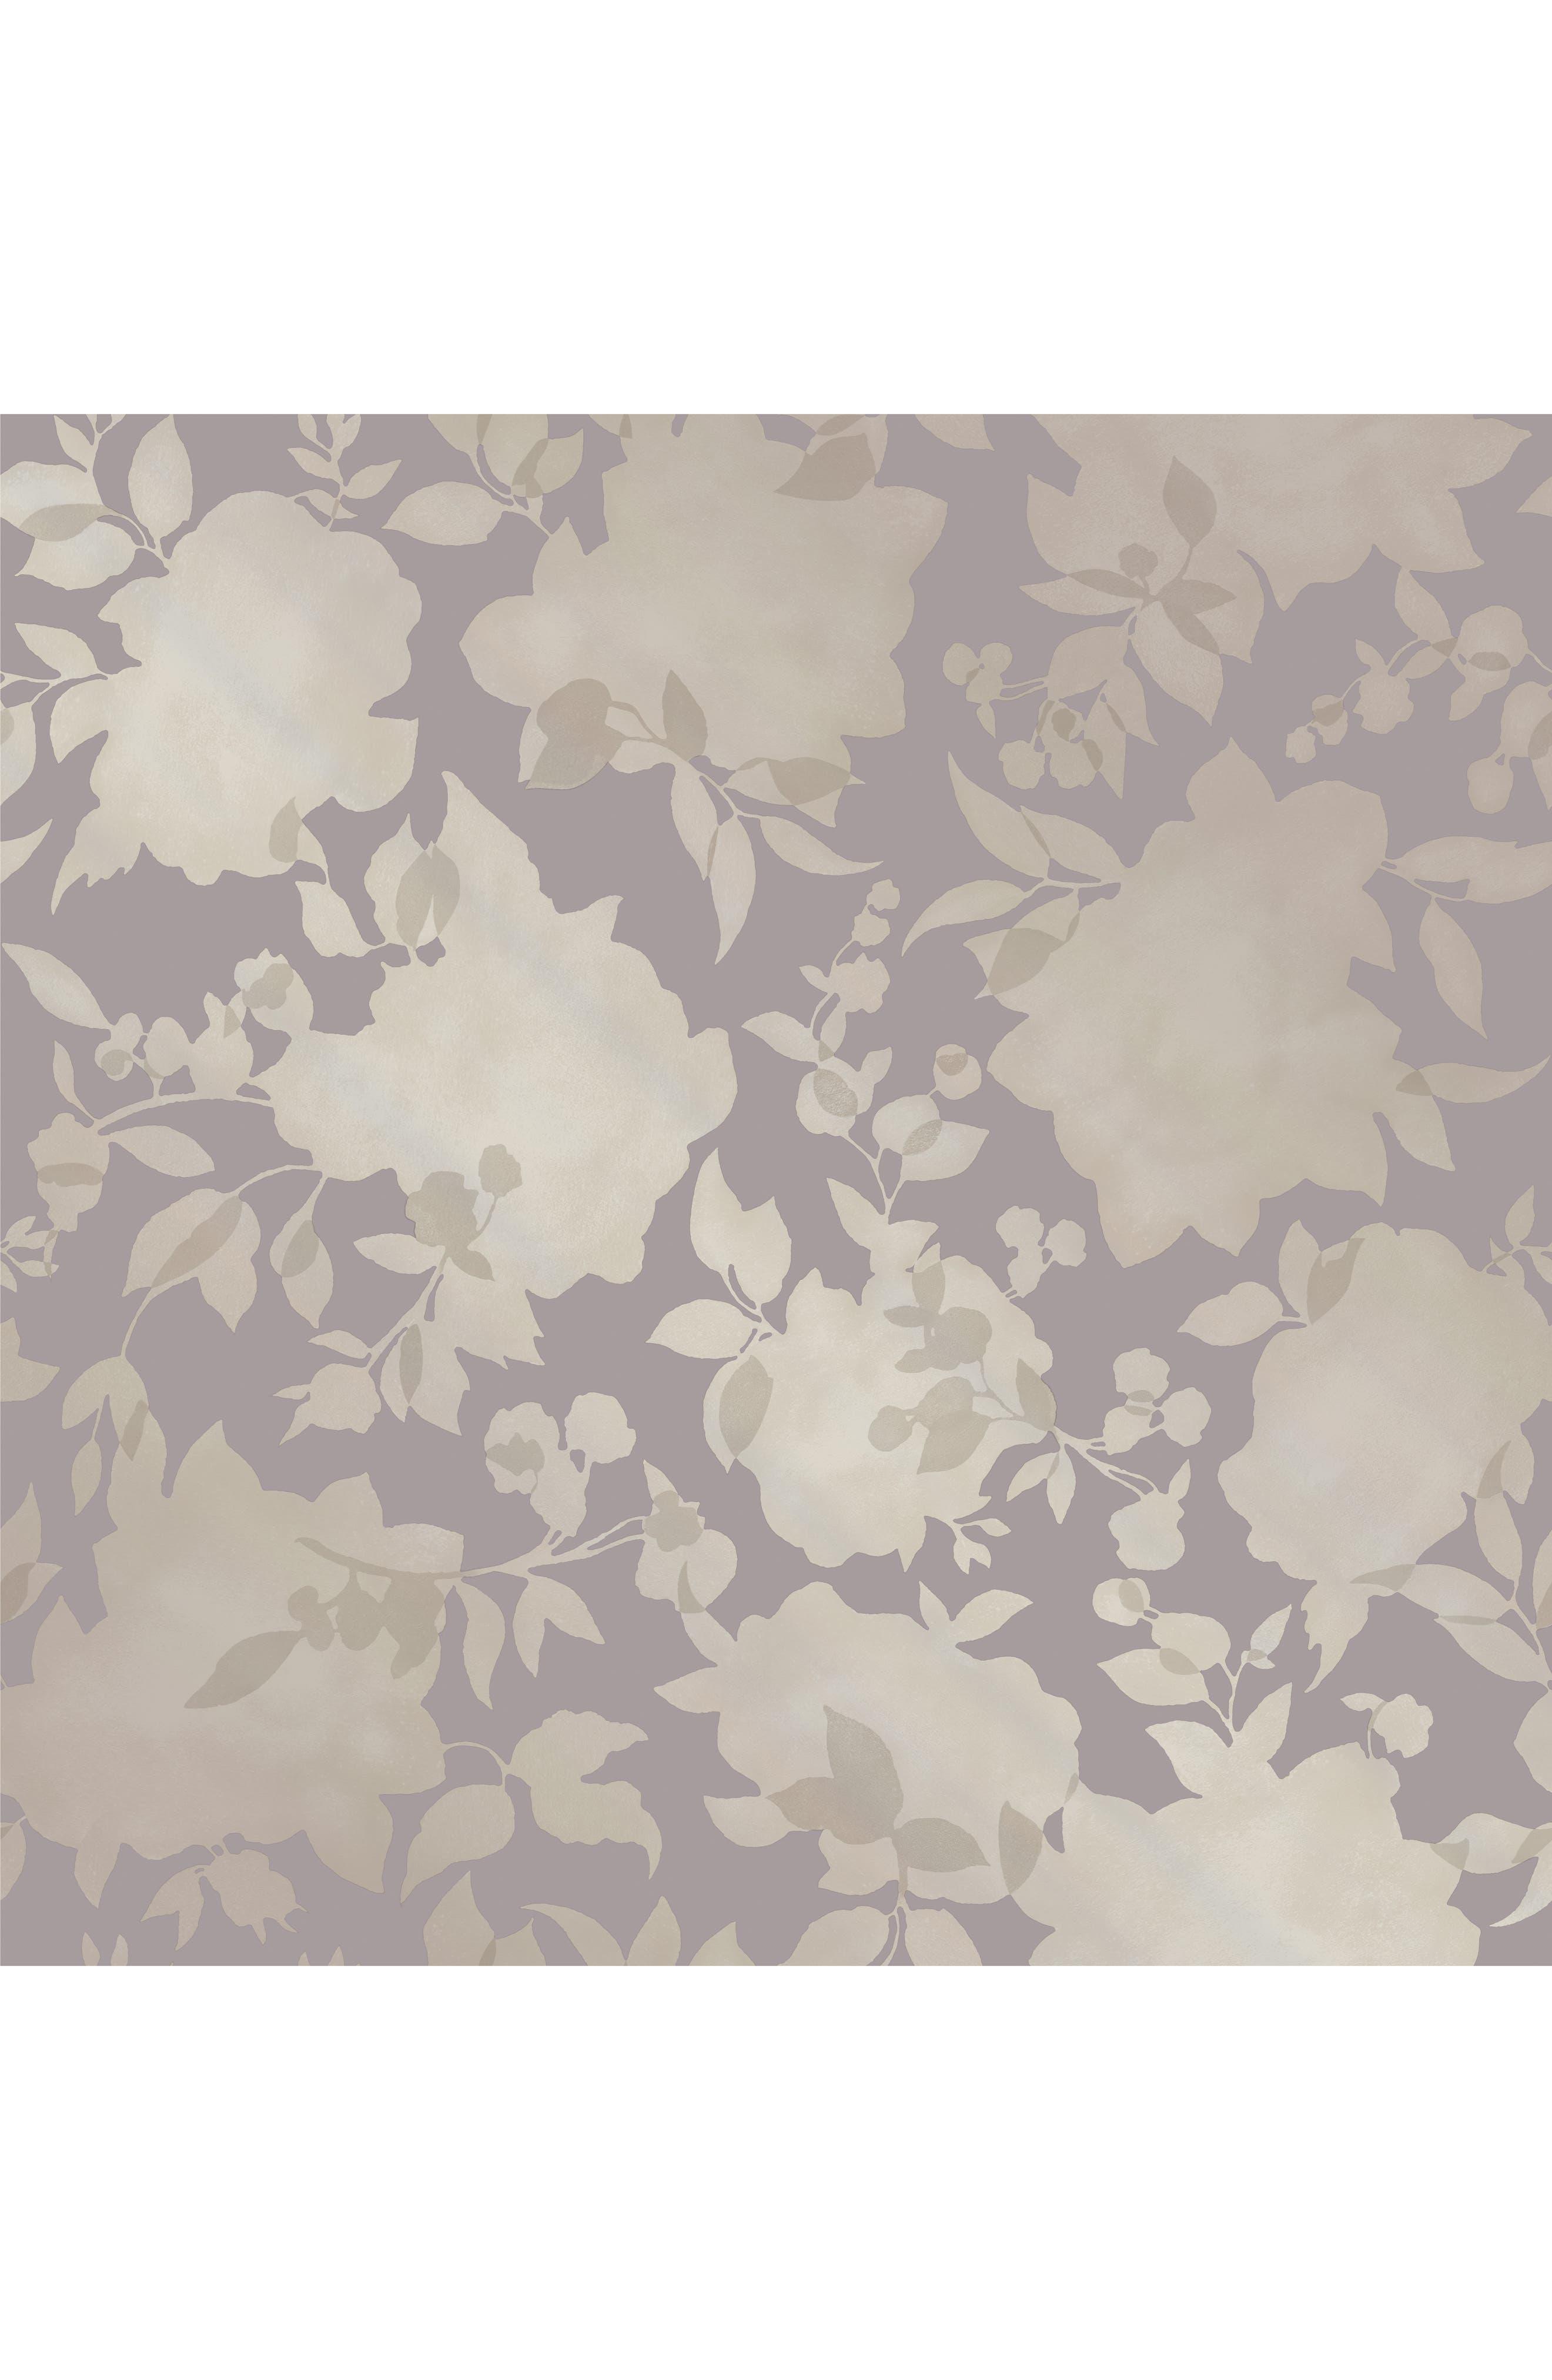 Tempaper Silhouette Self-Adhesive Vinyl Wallpaper